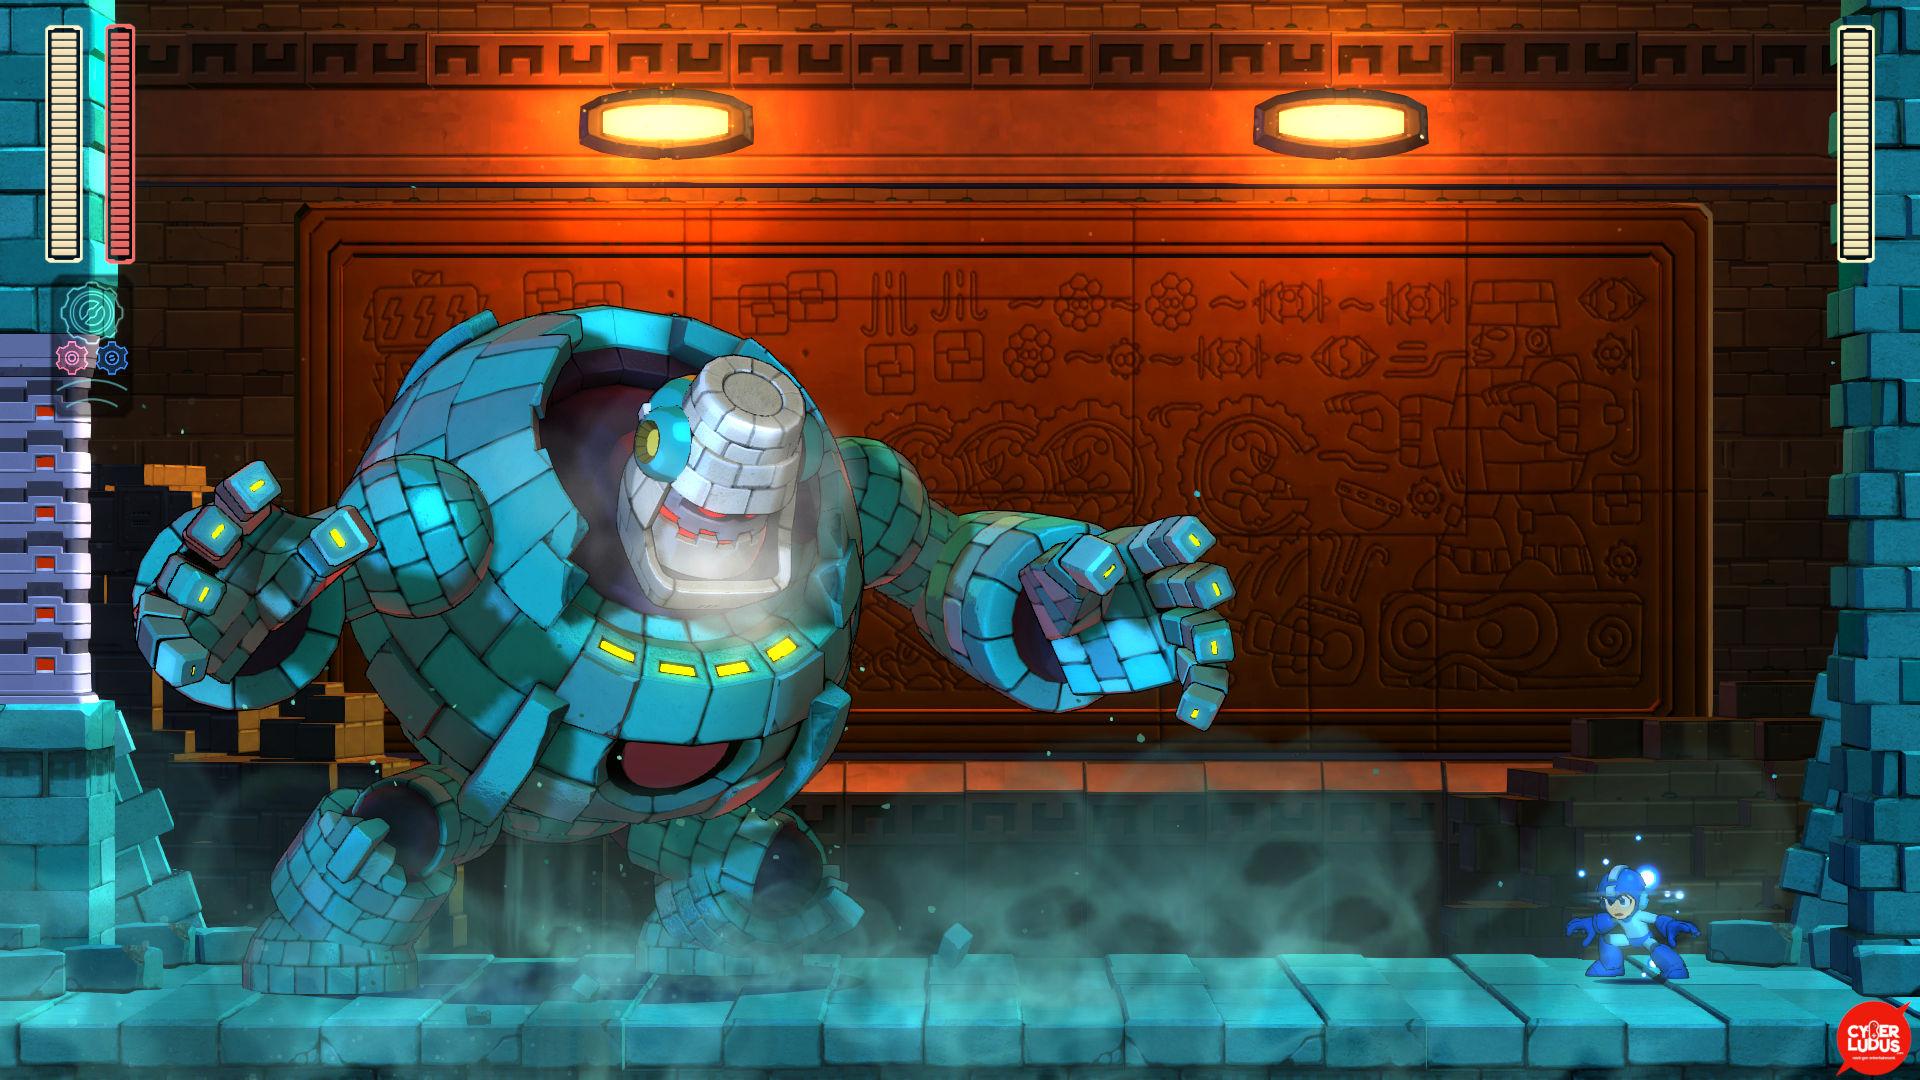 megaman 11 boss blockman